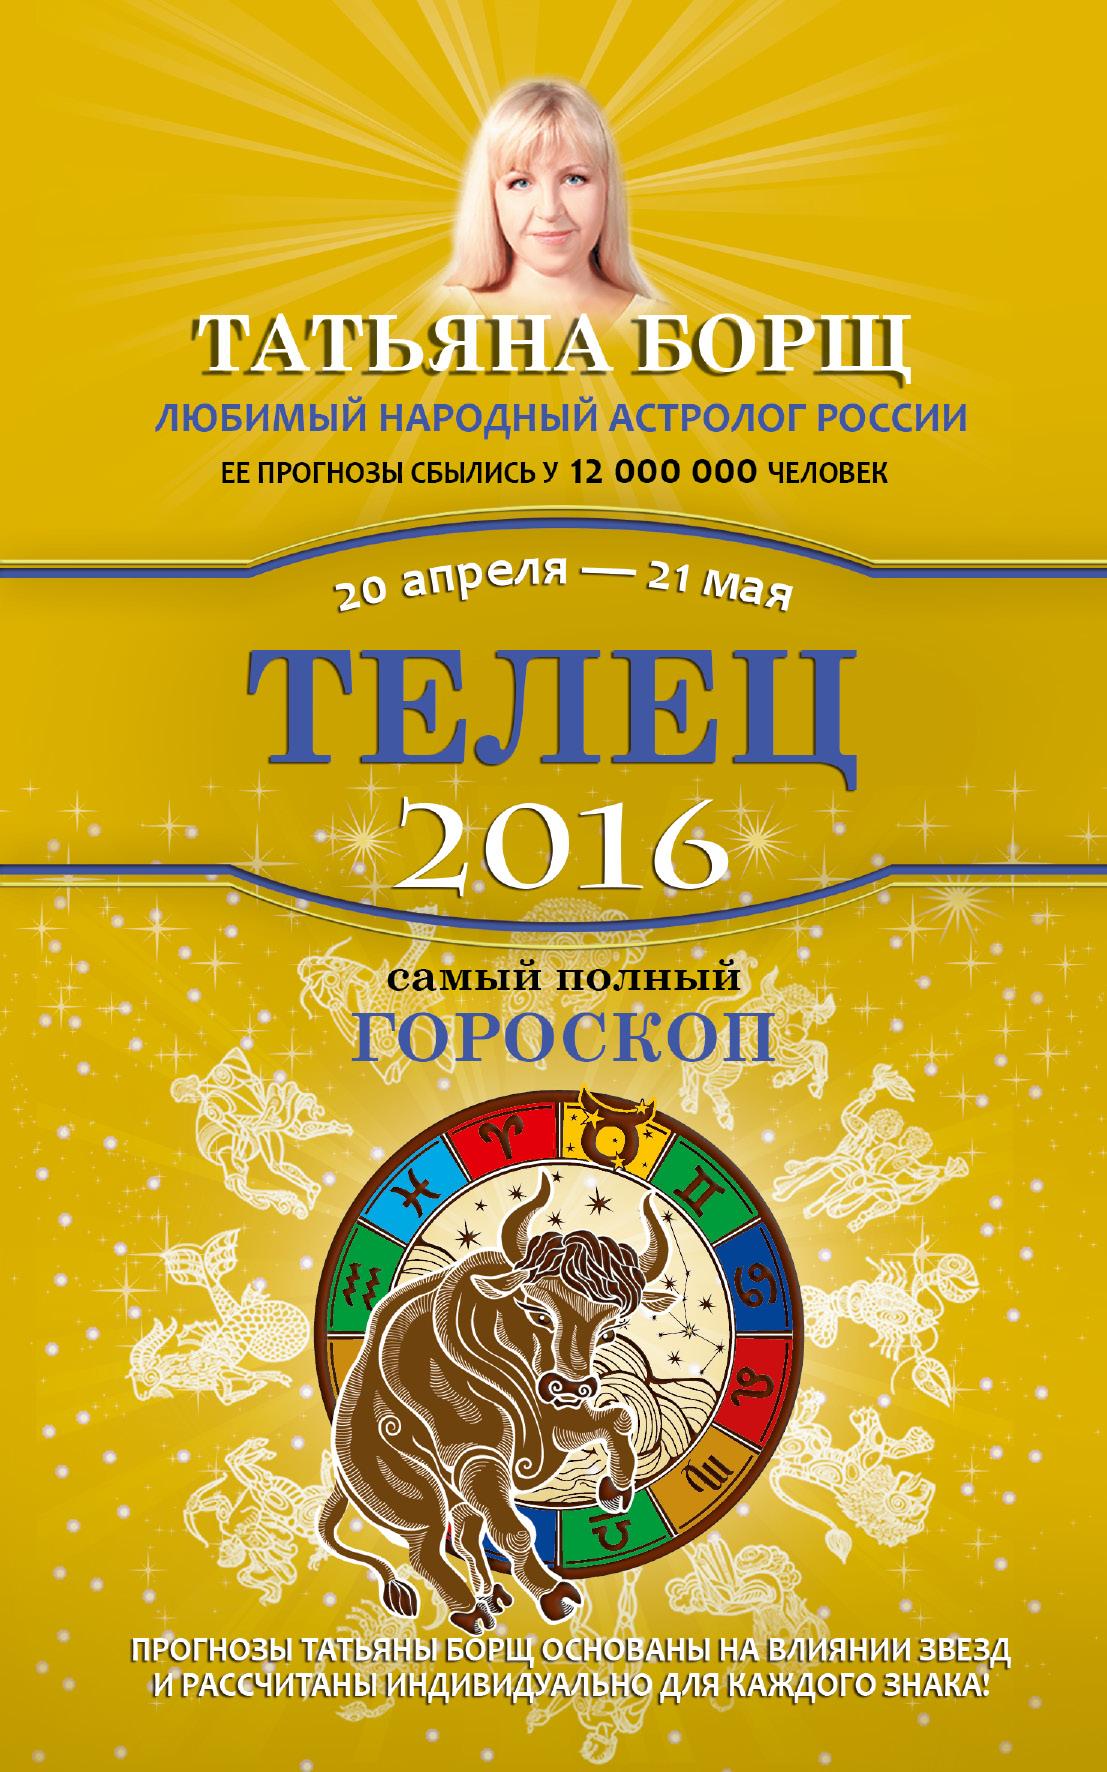 гороскоп на 2016 телец по месяцам красотки берут свои